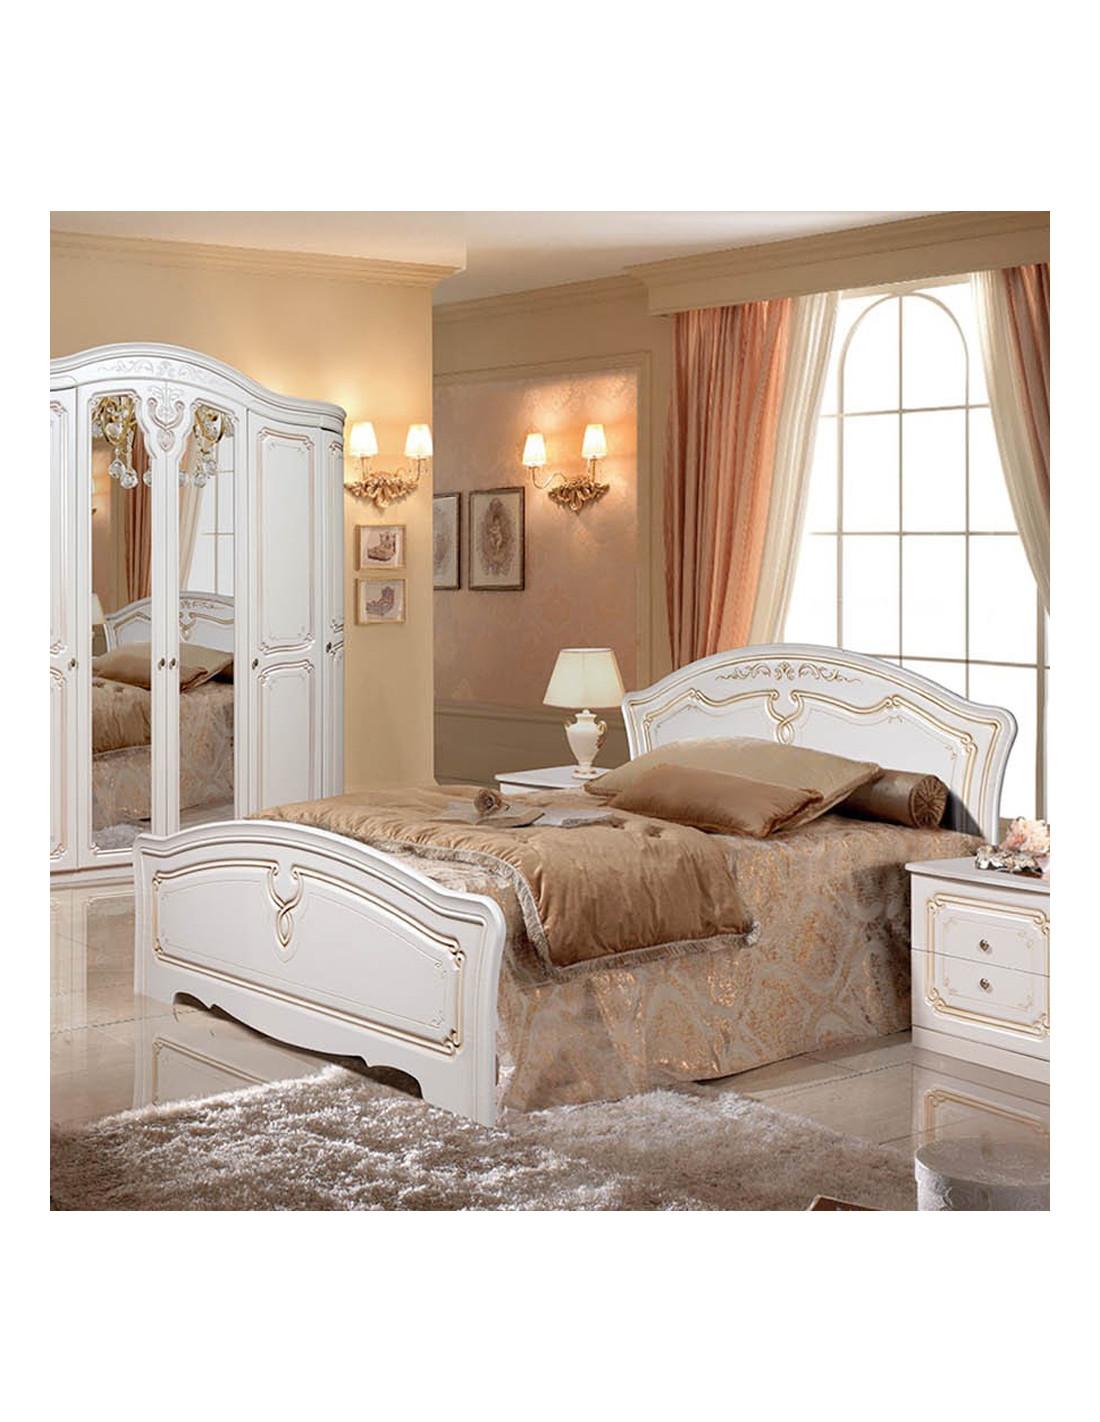 dormitor-valeria-6u-perla-pat-1600-mm (2)